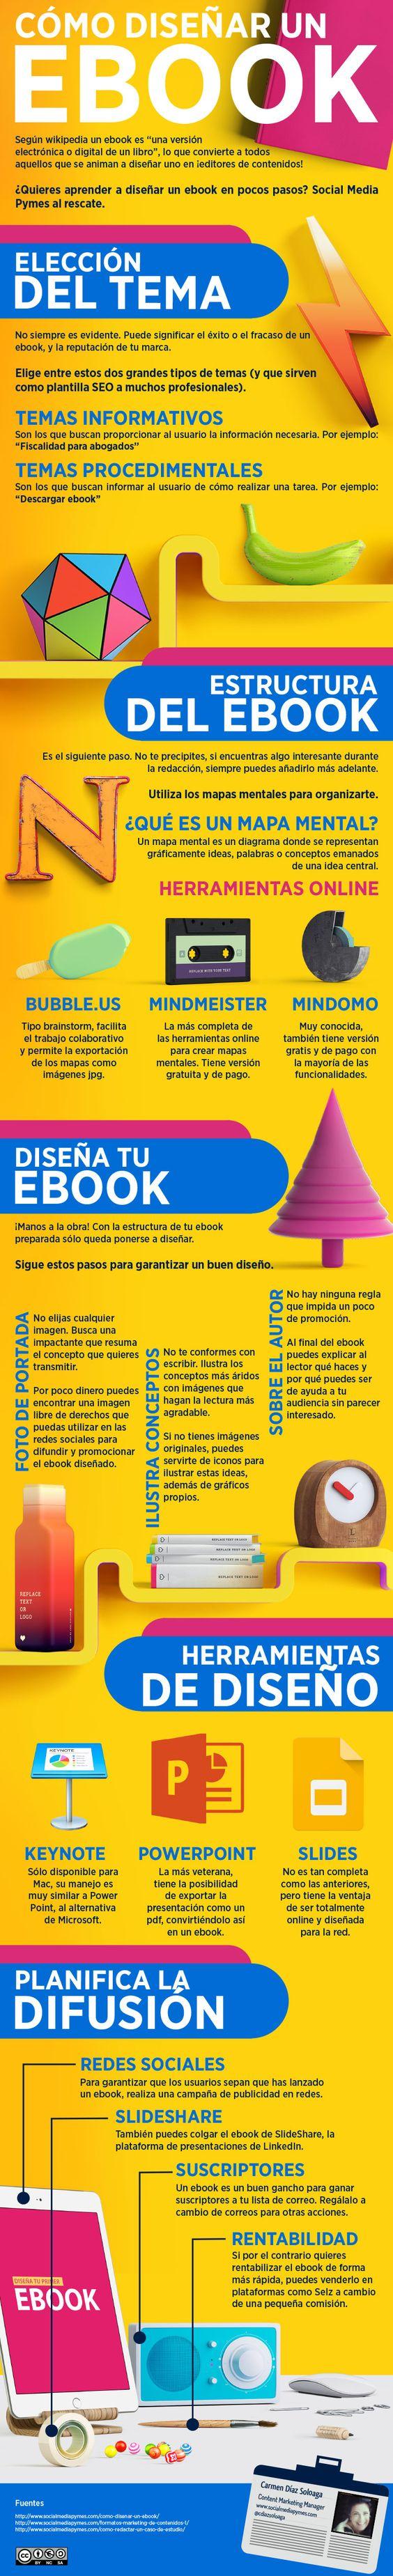 Cómo diseñar un eBook